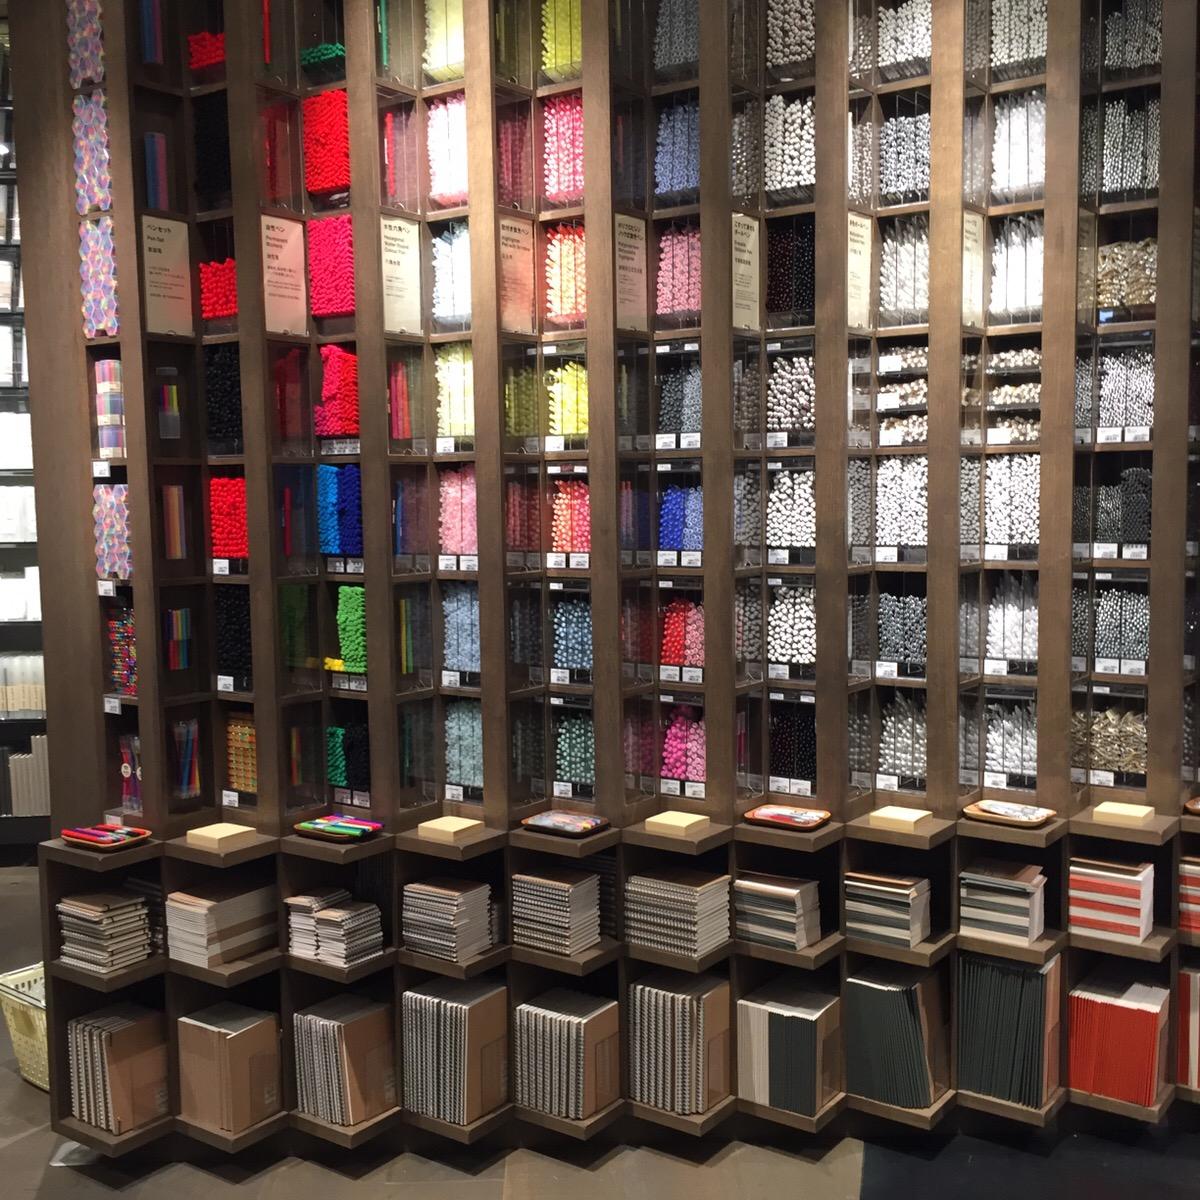 人気文房具も大量に並べることで美しく迫力あるディスプレイに。ヒットアイテム「2色ツインペン」などもここに。